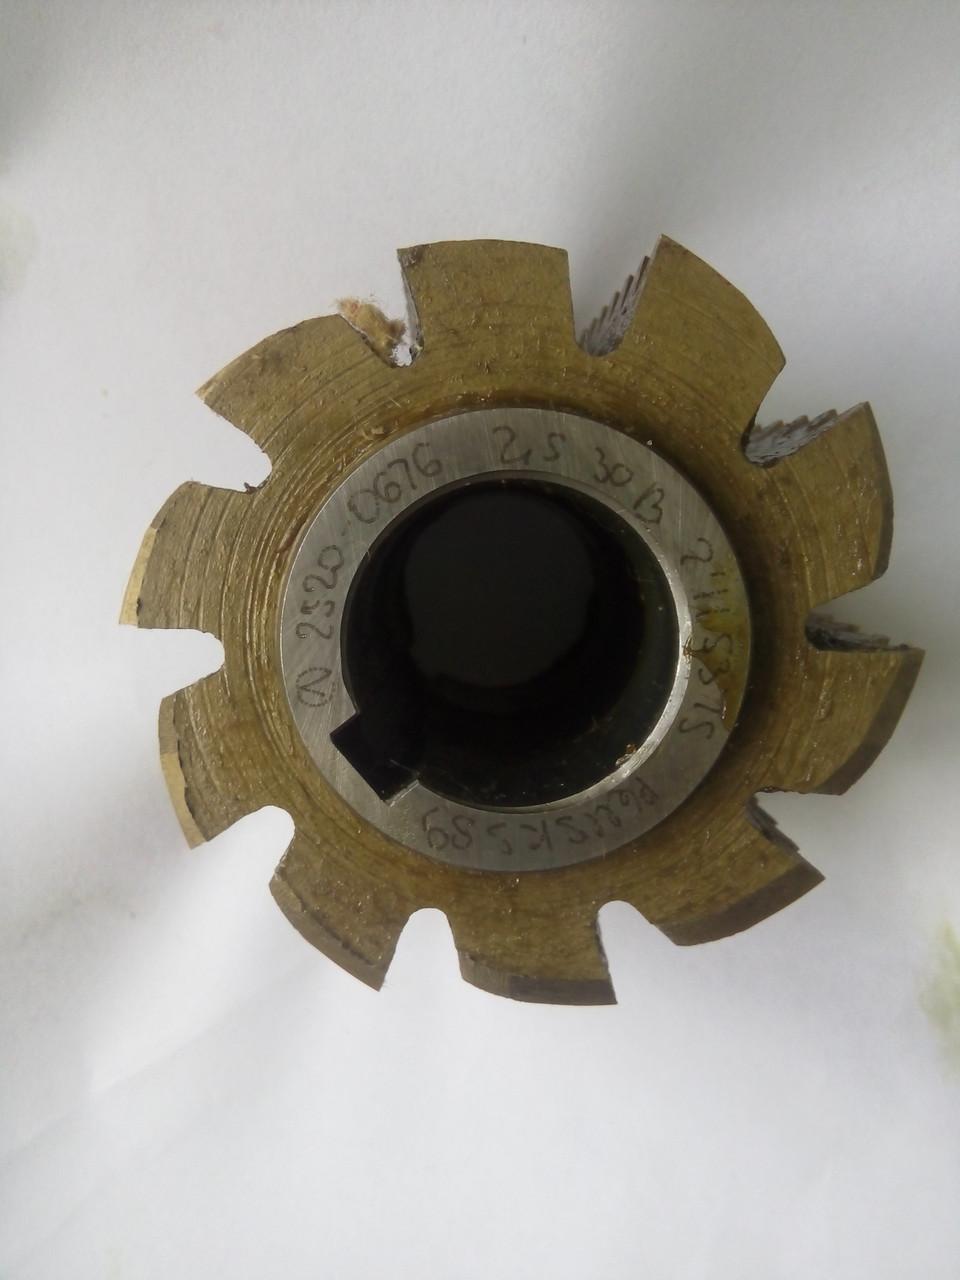 Фрезы червячные чистовые М 2,5 (2520-0676)30 градусов для шлицевых валов с эвольвентным профилем ГОСТ 6637-80.